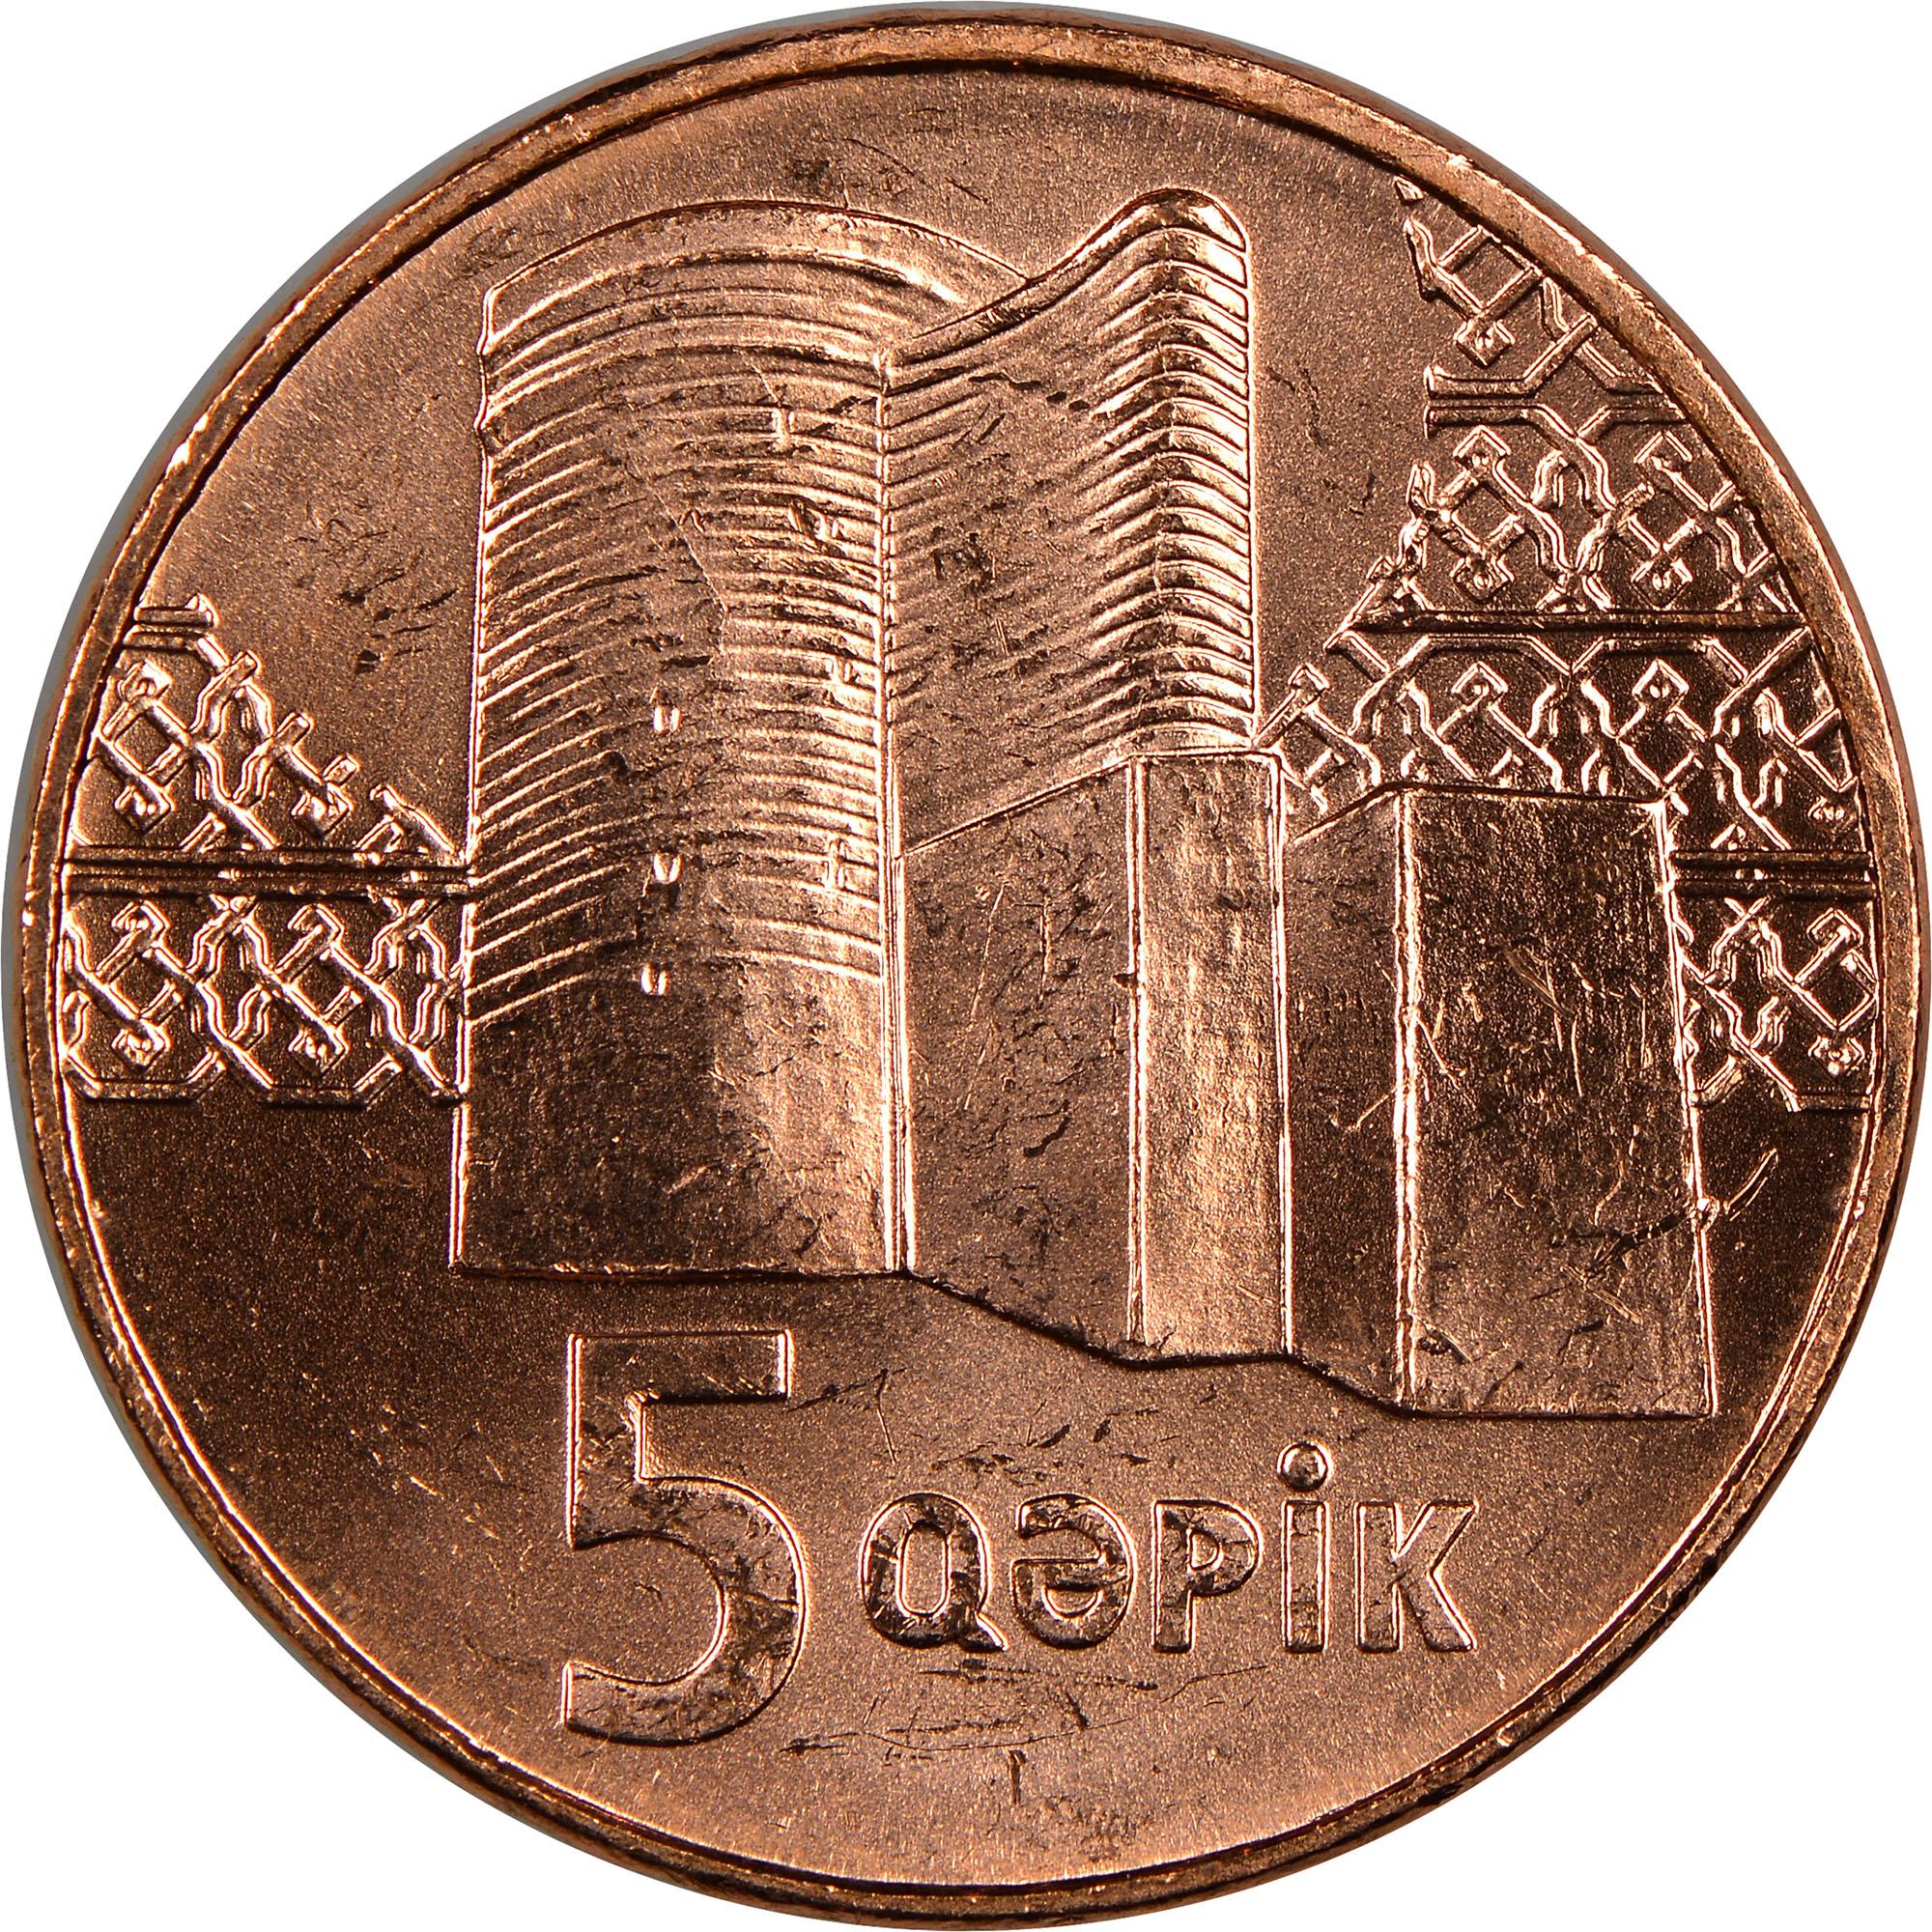 Azerbaijan 5 Qapik reverse